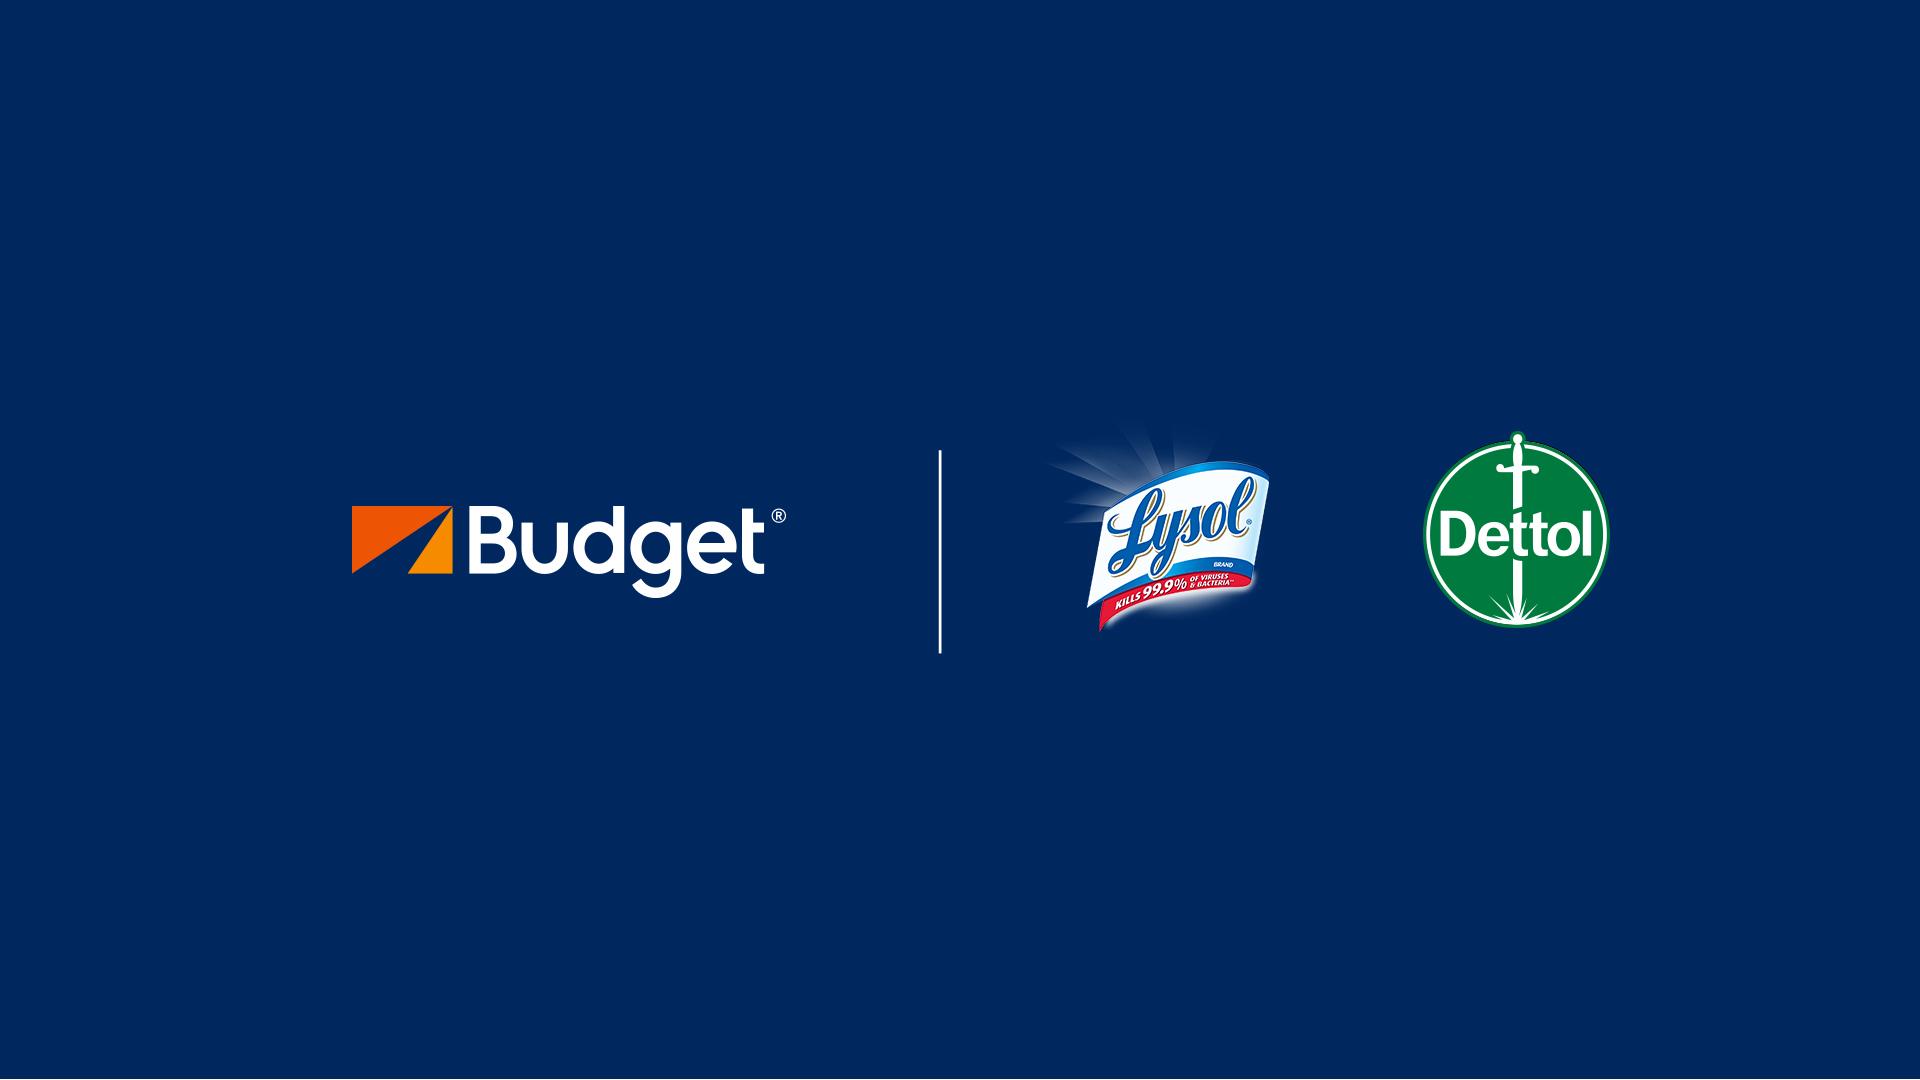 Vi er gået sammen med Dettol, så vi kan anvende brancheførende desinficeringsmidler til at rengøre vores biler og udlejningskontorer.